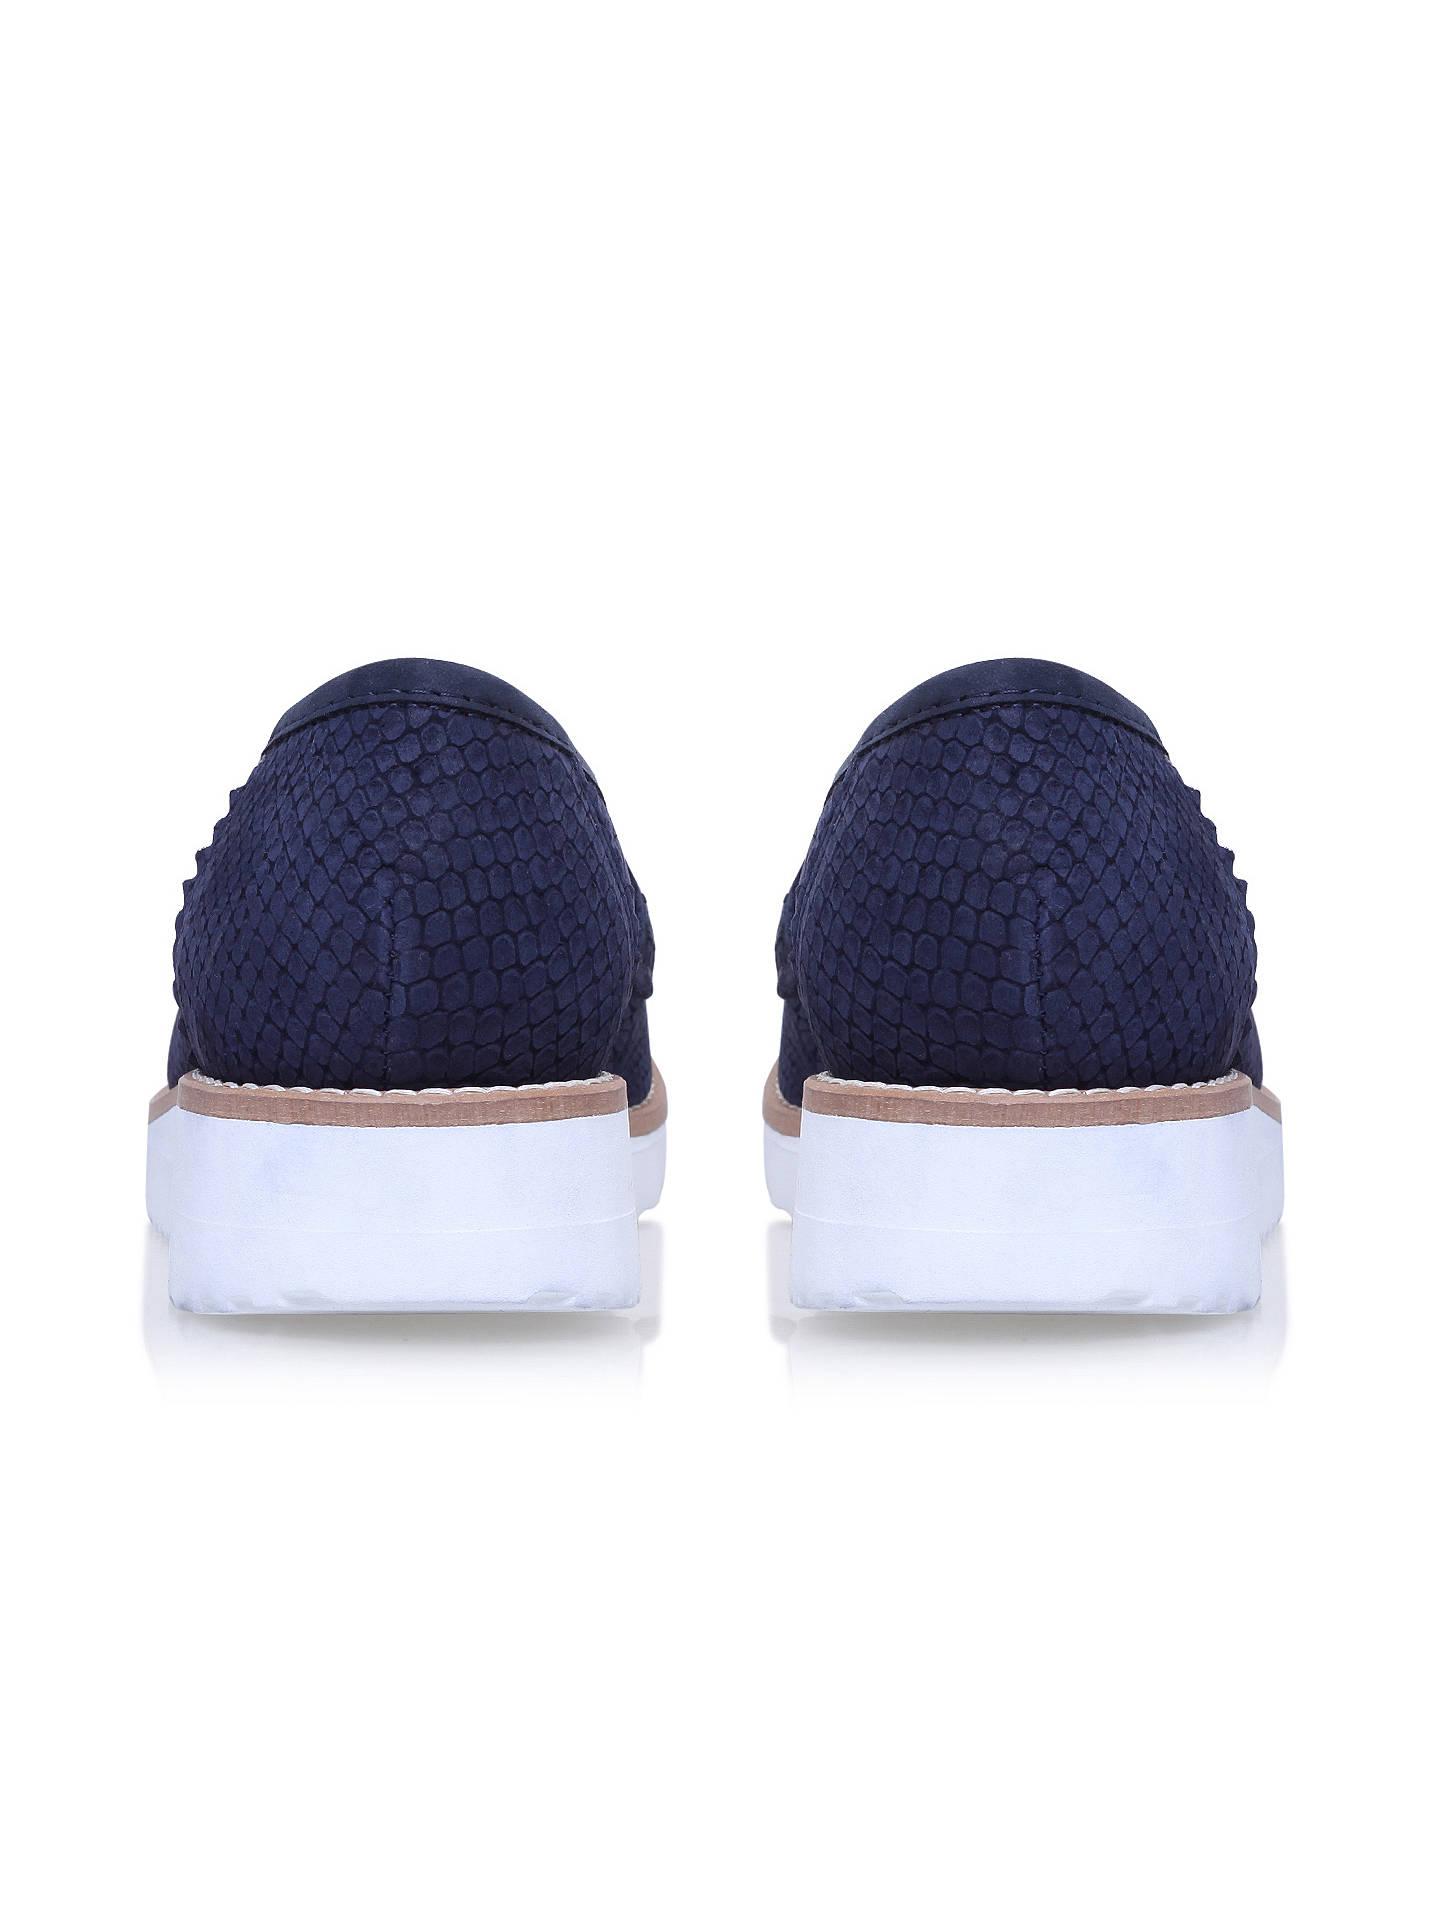 f063bdf9af3 ... Buy Carvela Limbo Wedge Heeled Loafers